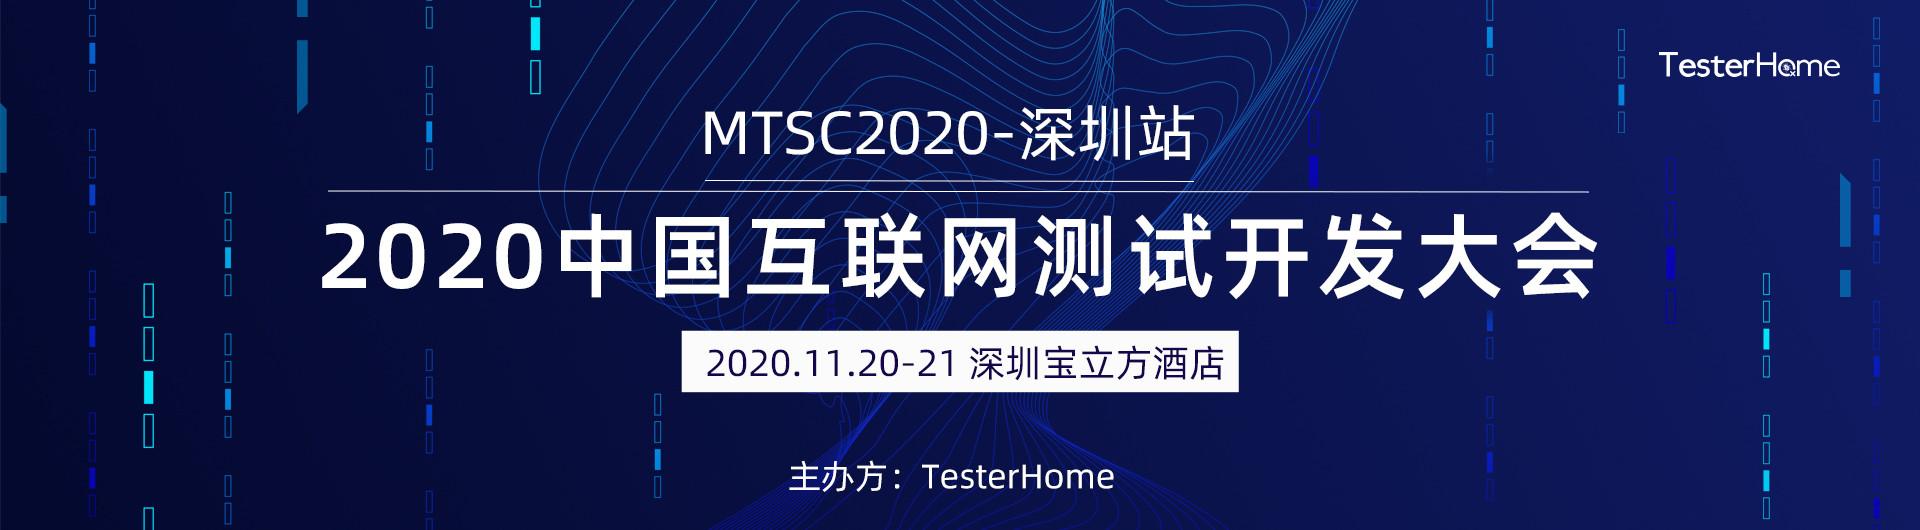 中国移动互联网测试开发大会-MTSC2020深圳站